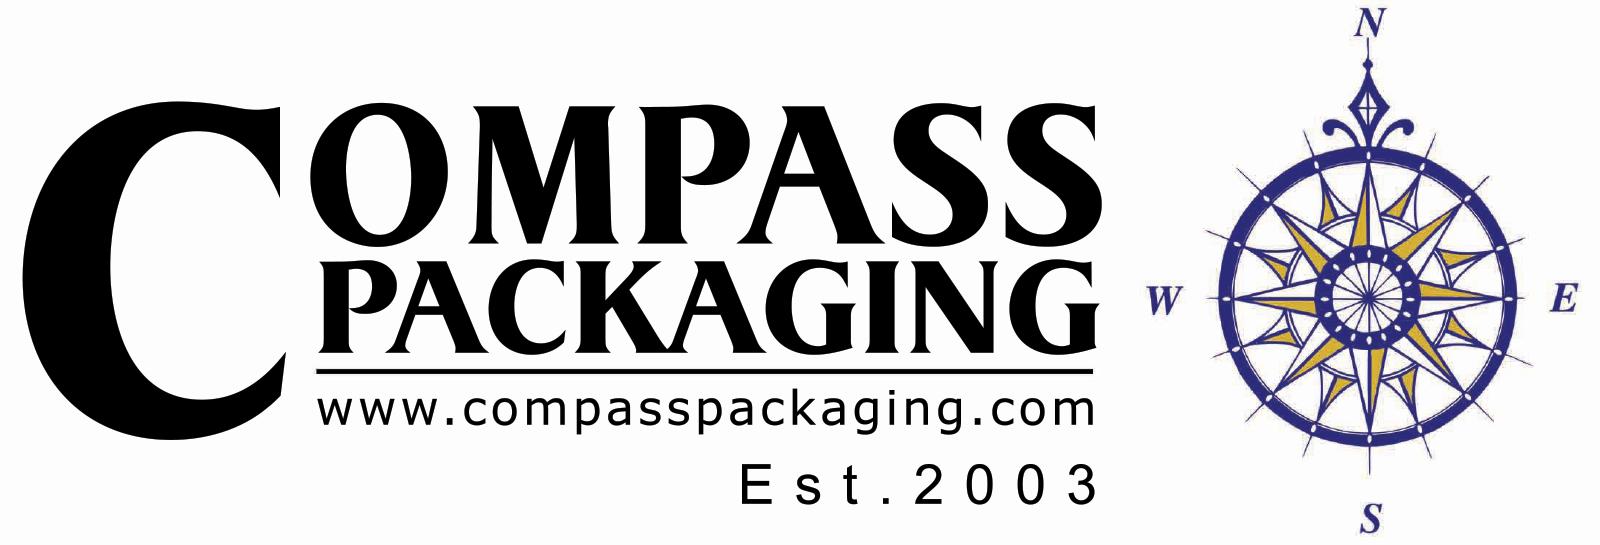 Phil Rath - Compas logo_2015.png